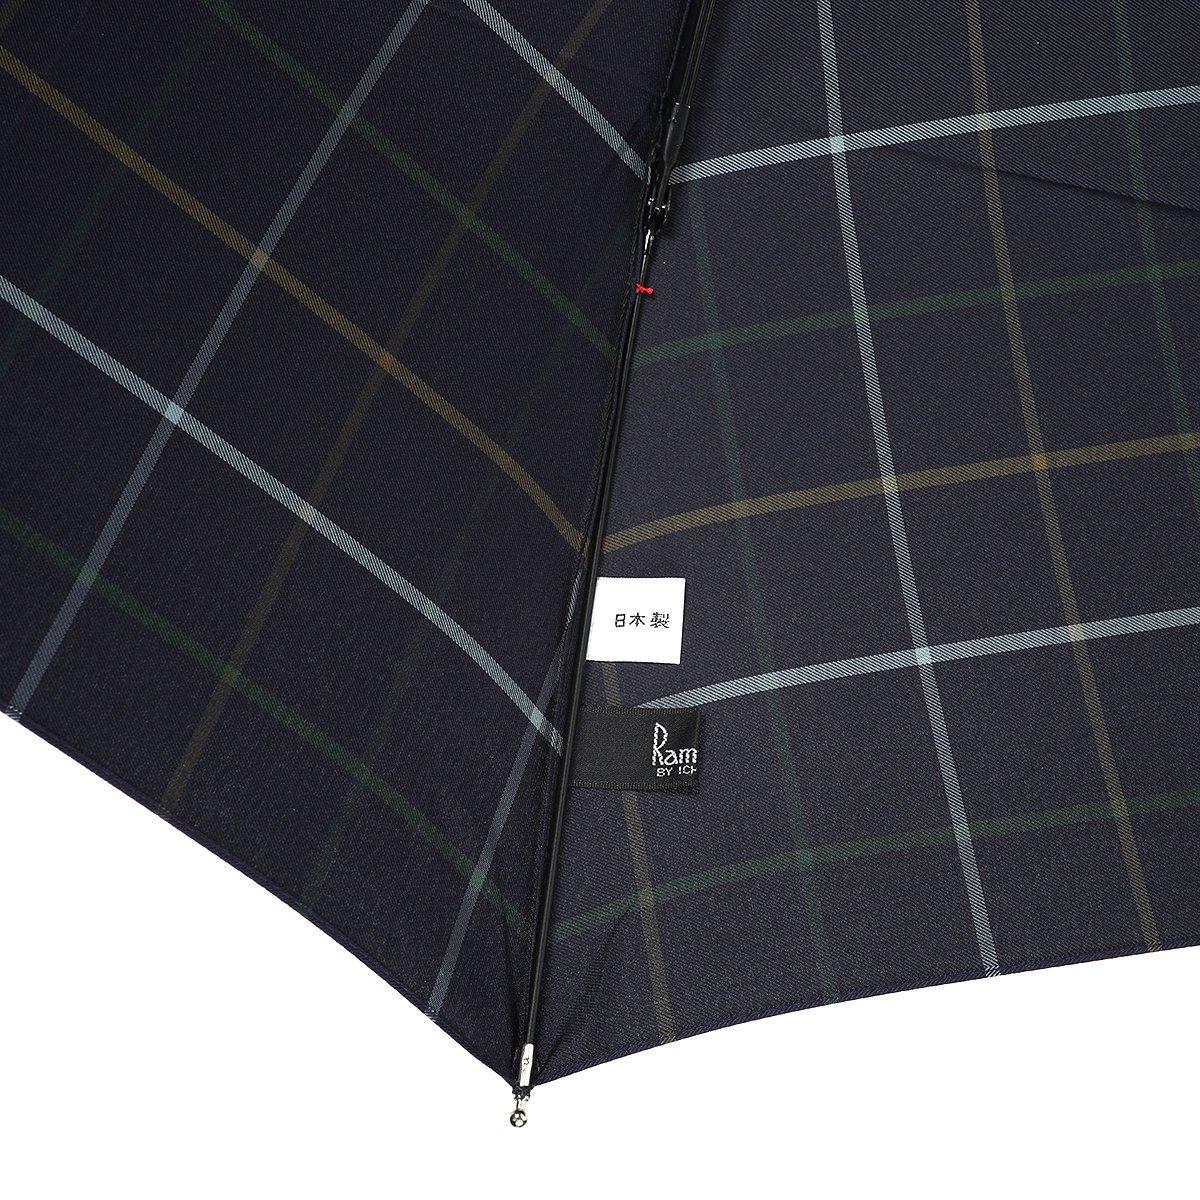 【セール】3カラー チェック 耐風骨 折りたたみ傘 詳細画像8